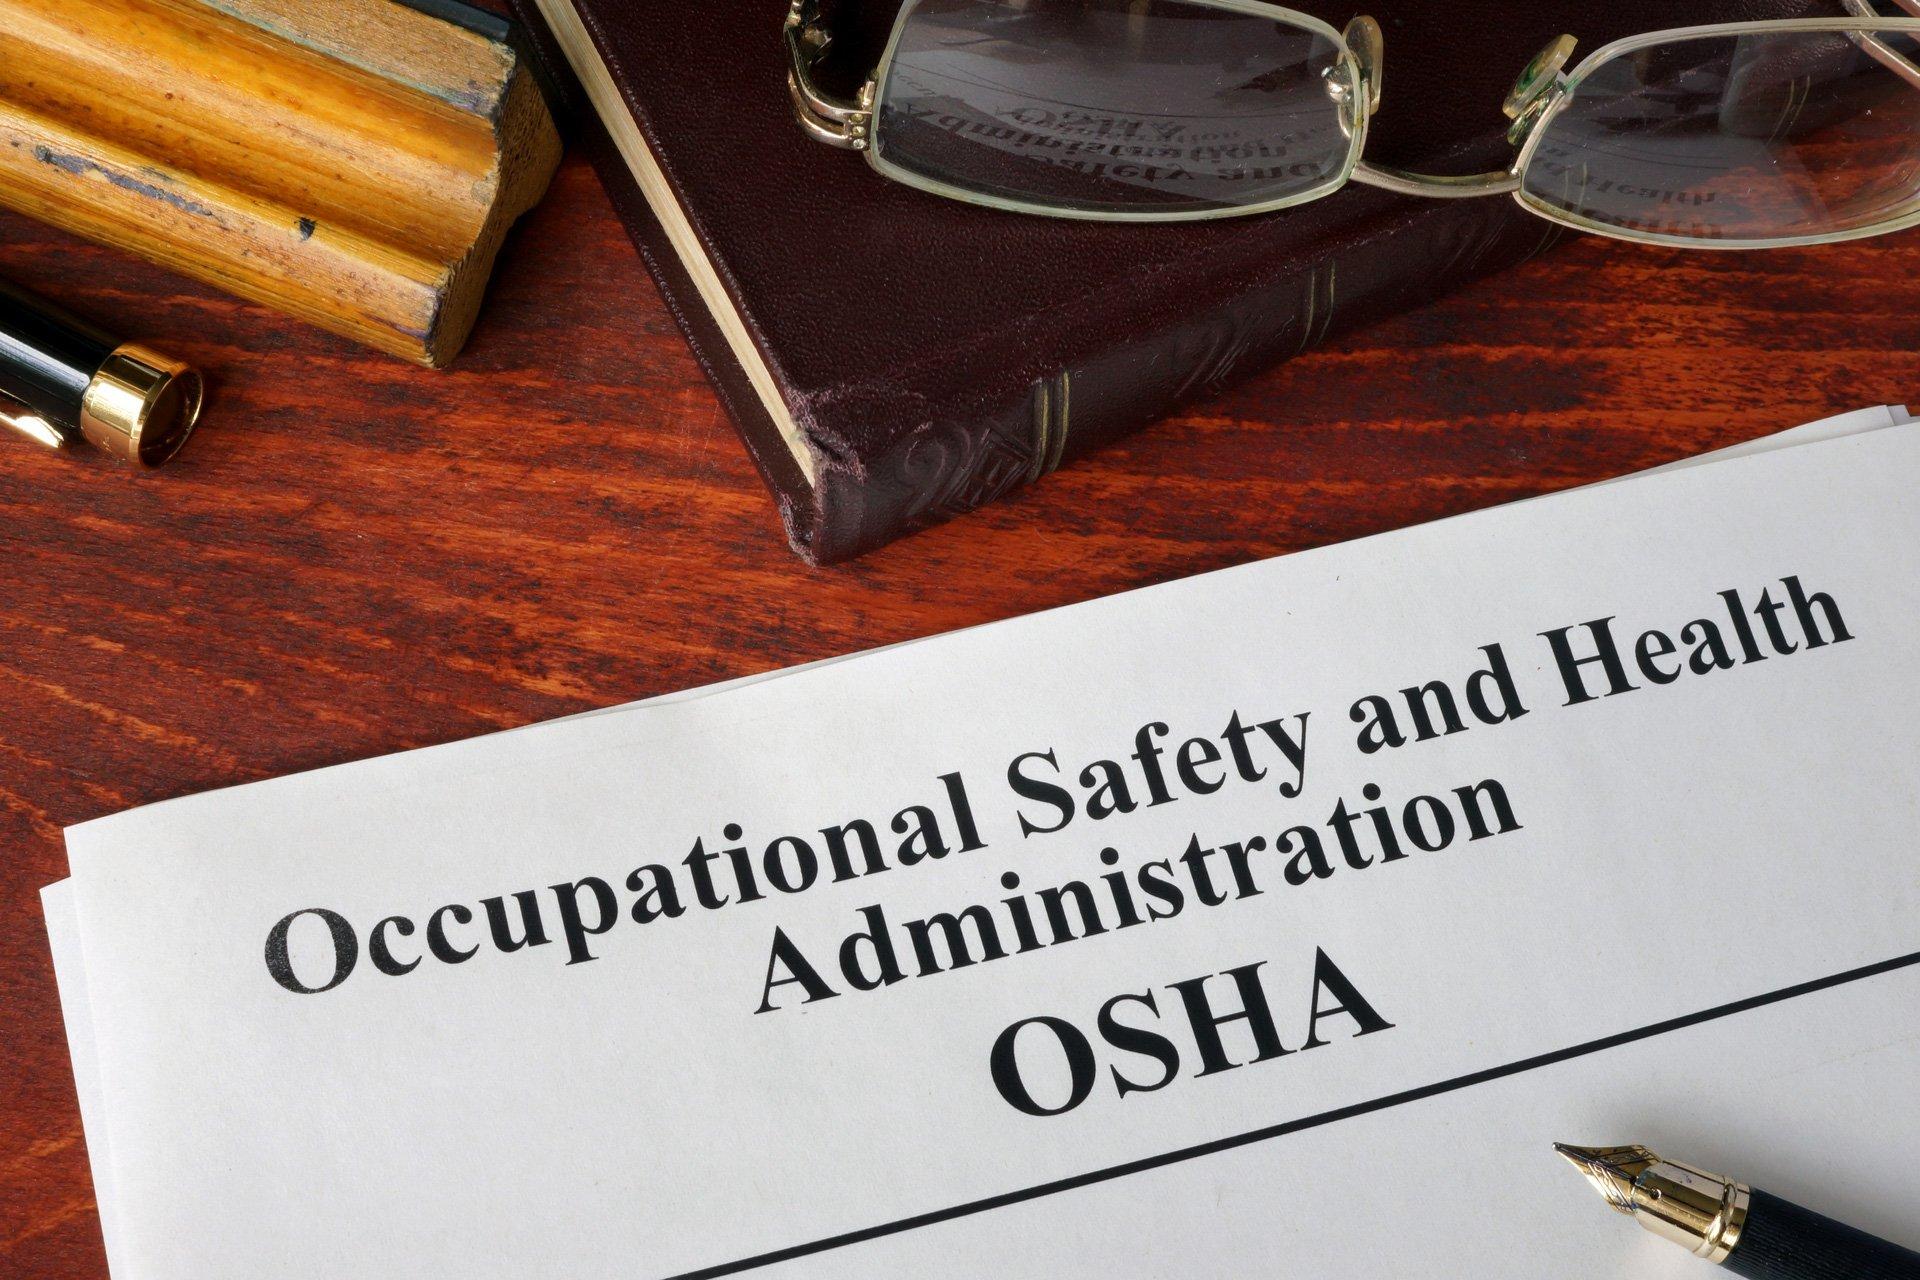 OSHA guidelines